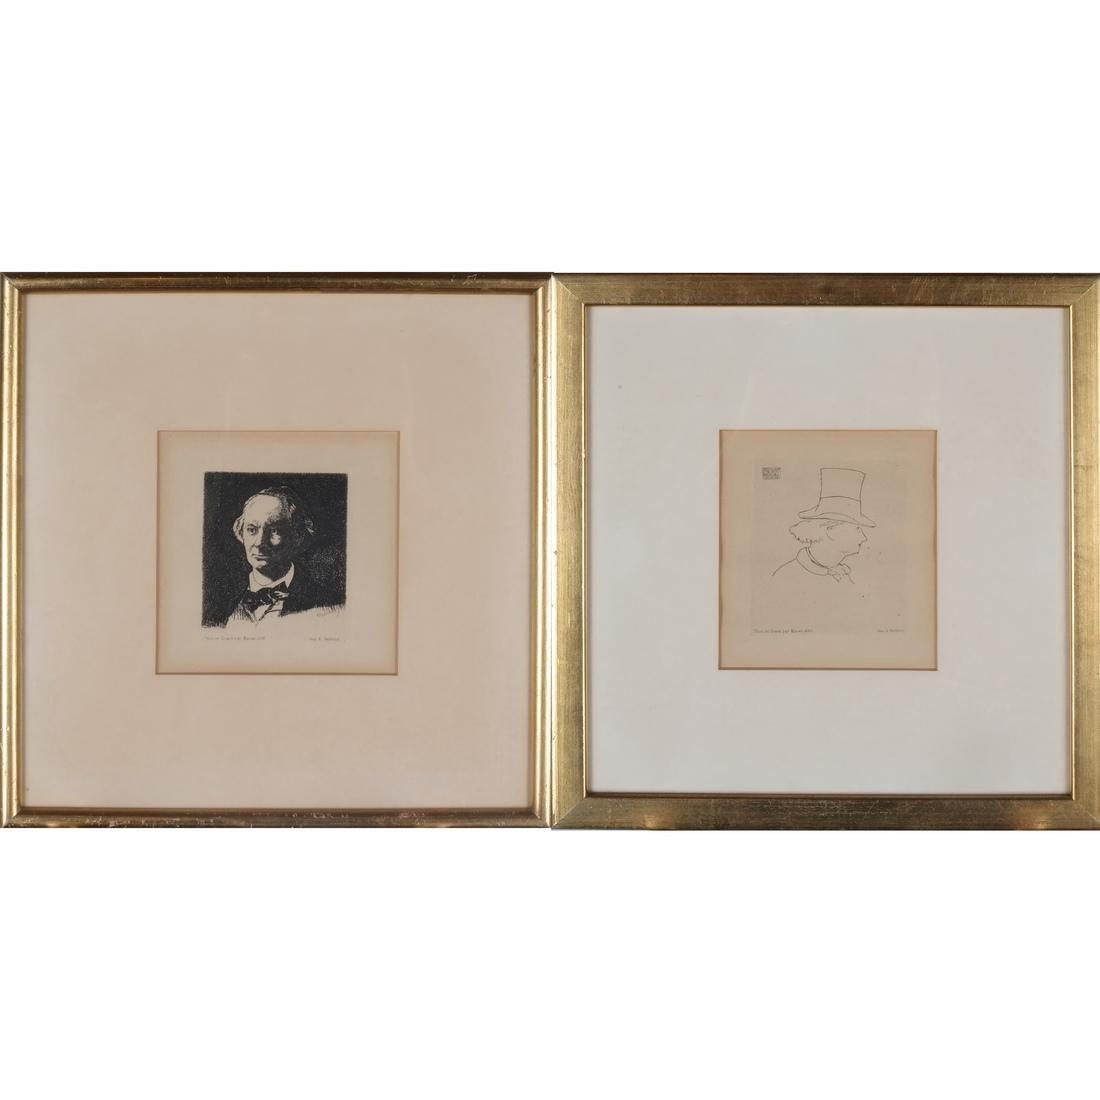 A. Salmon: Two Portrait Prints of Men